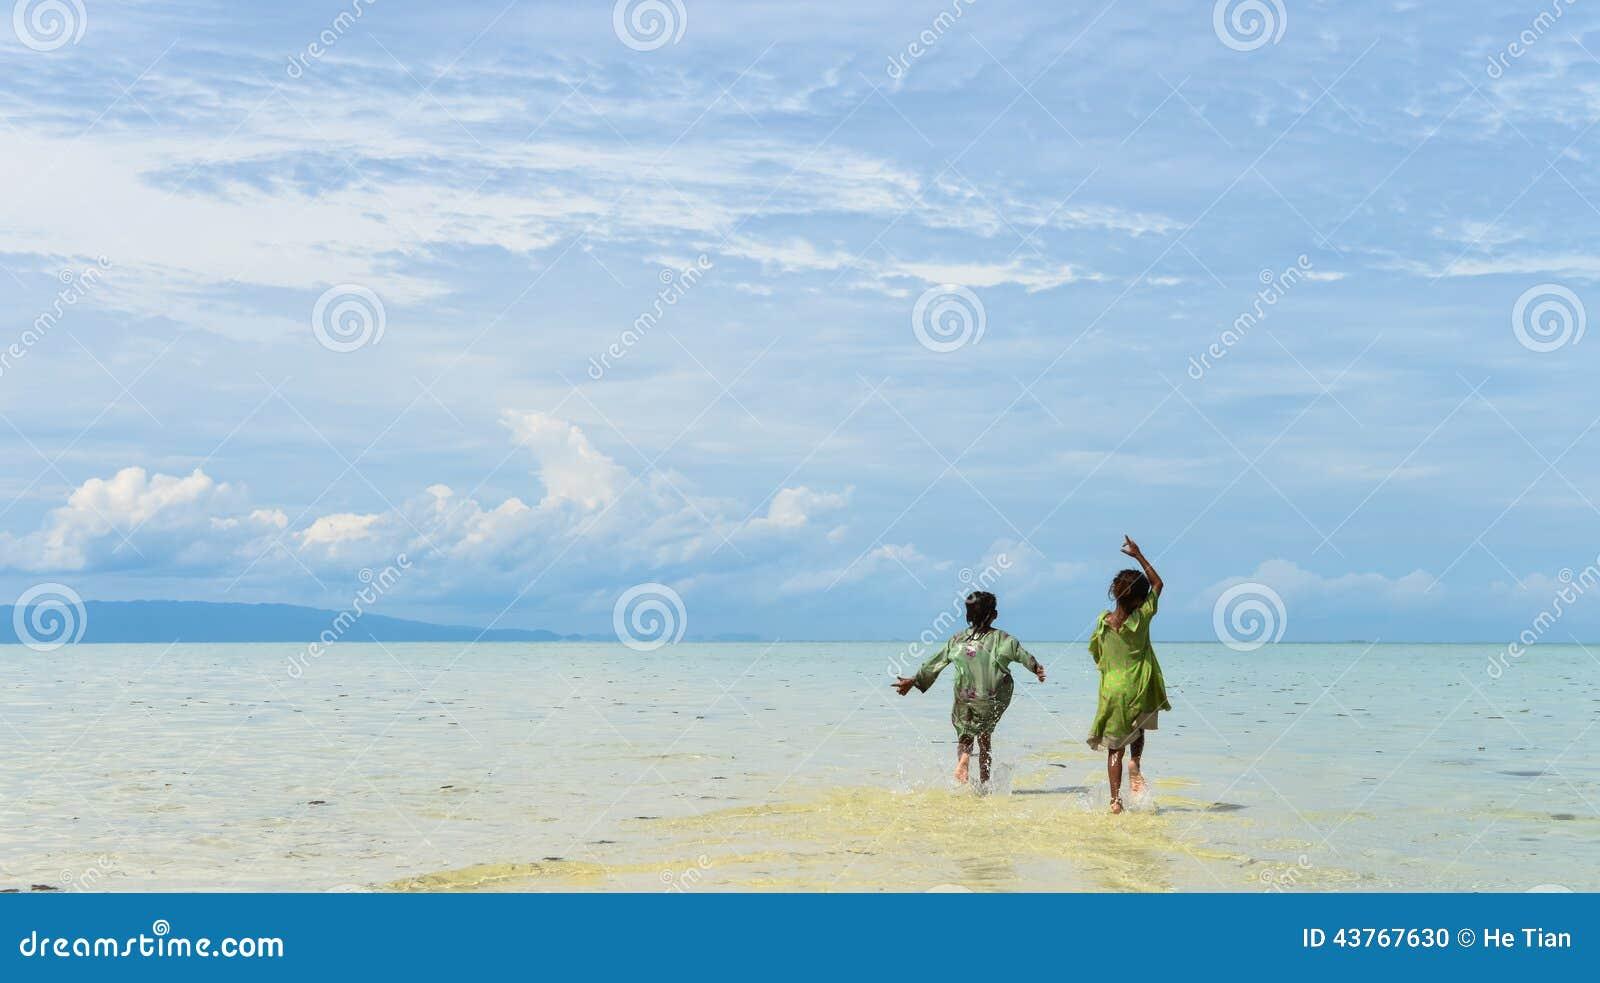 Hinteres Porträt von zwei gebürtigen jungen Schwestern, die in das seichte Wasser auf tropischem Strand laufen und springen